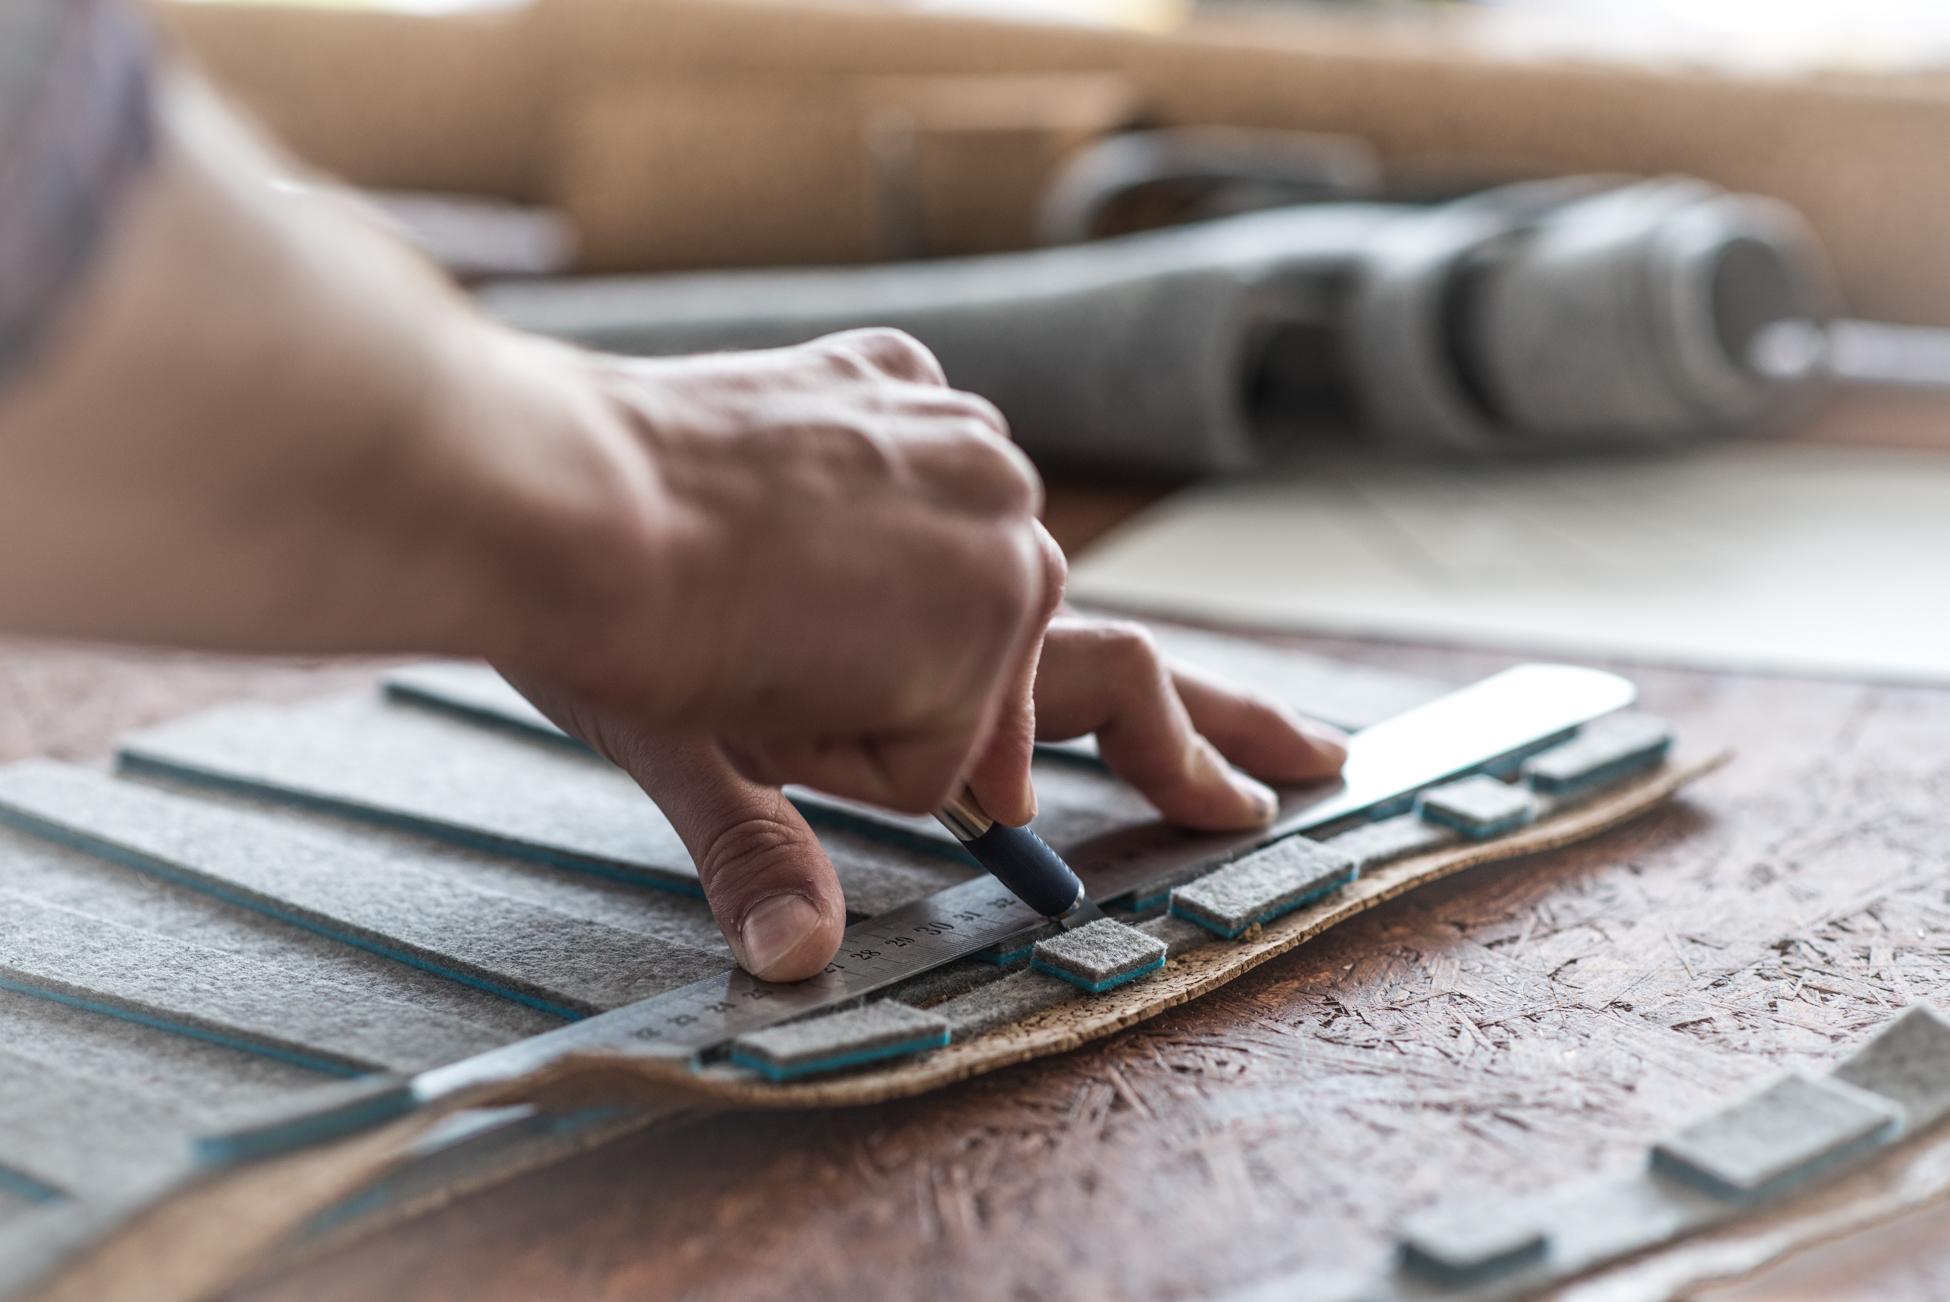 Plsteny akusticky obklad vyroba